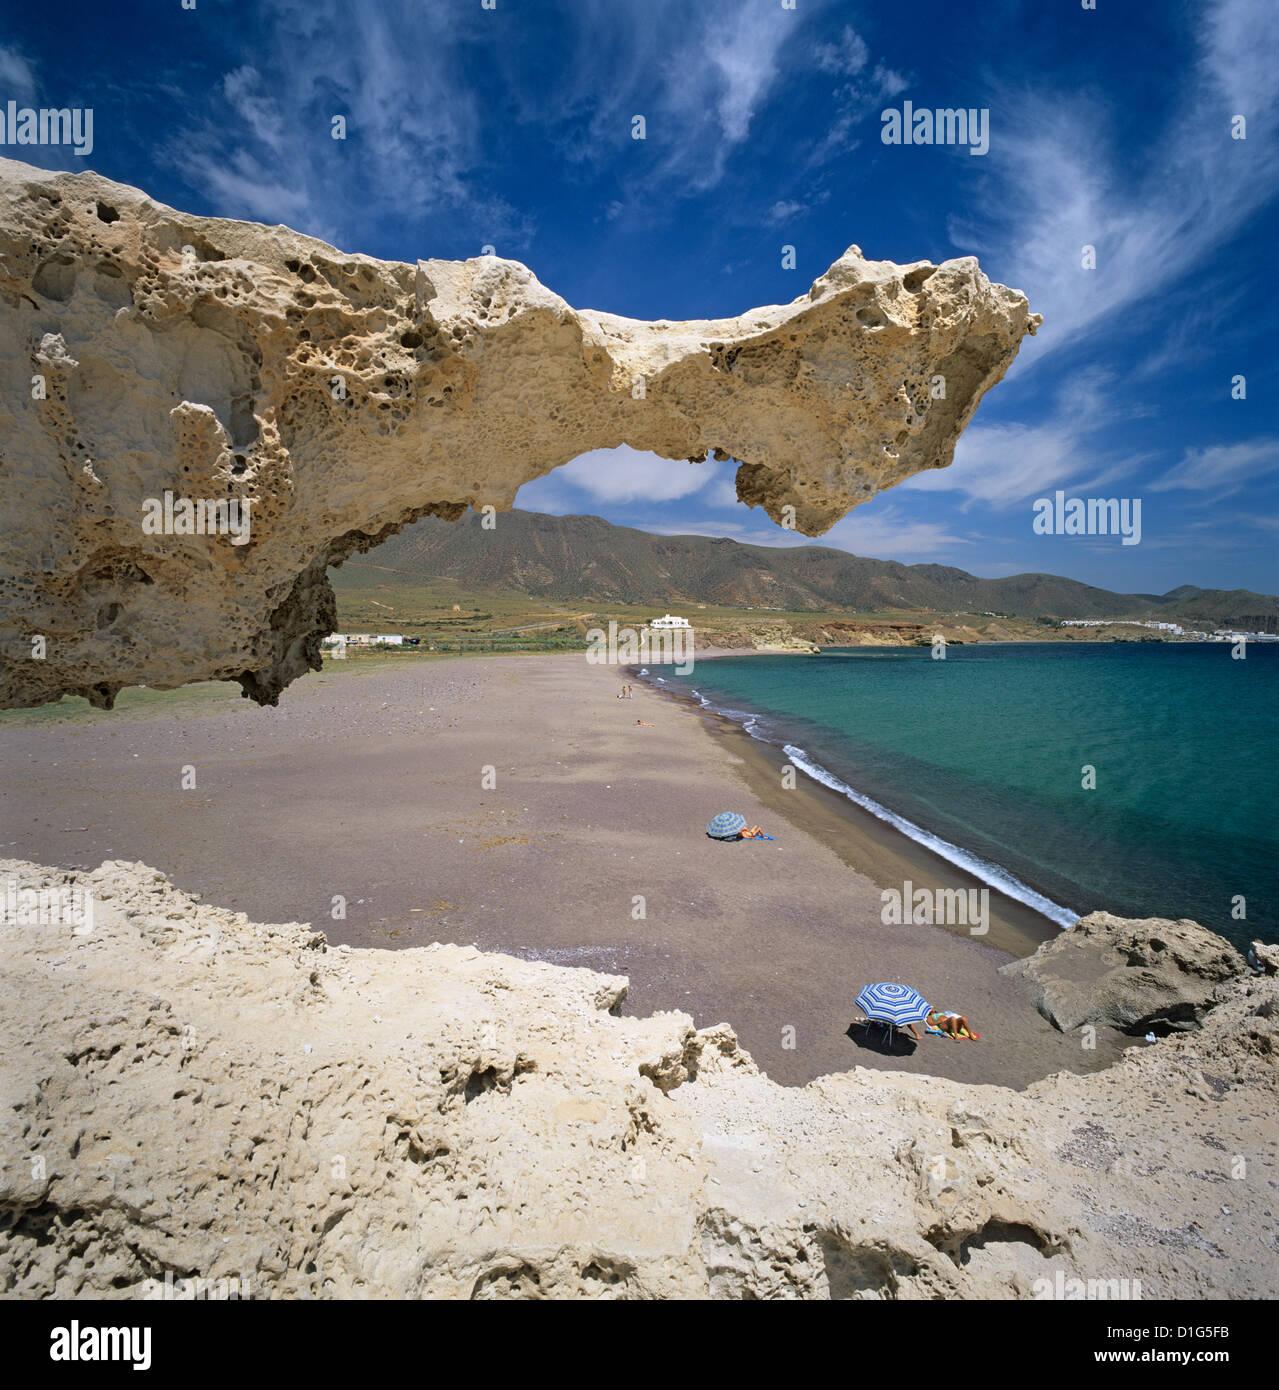 Beach scene near san jose cabo de gata costa de almeria for Cabo de gata spain